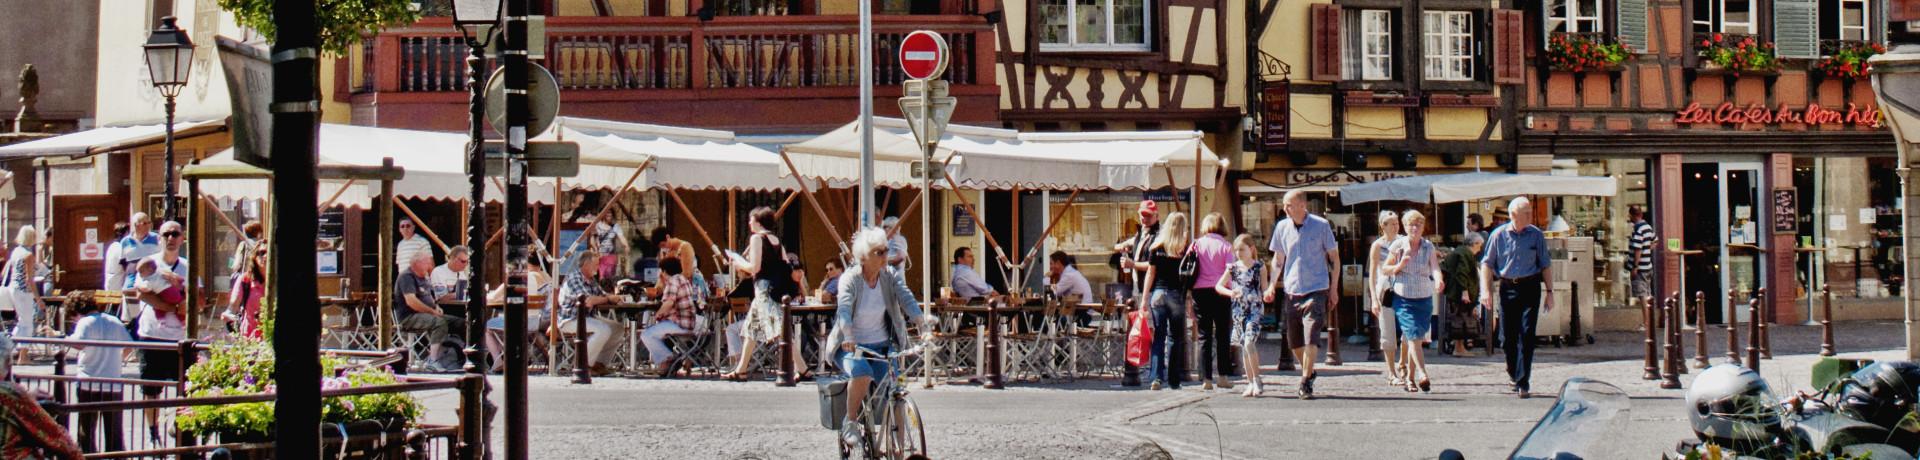 Camping de l'Ill (Colmar) in Horbourg-Wihr ligt op 2 km van het centrum van Colmar (gemakkelijk te bereiken via de fietspaden) in de Elzas.